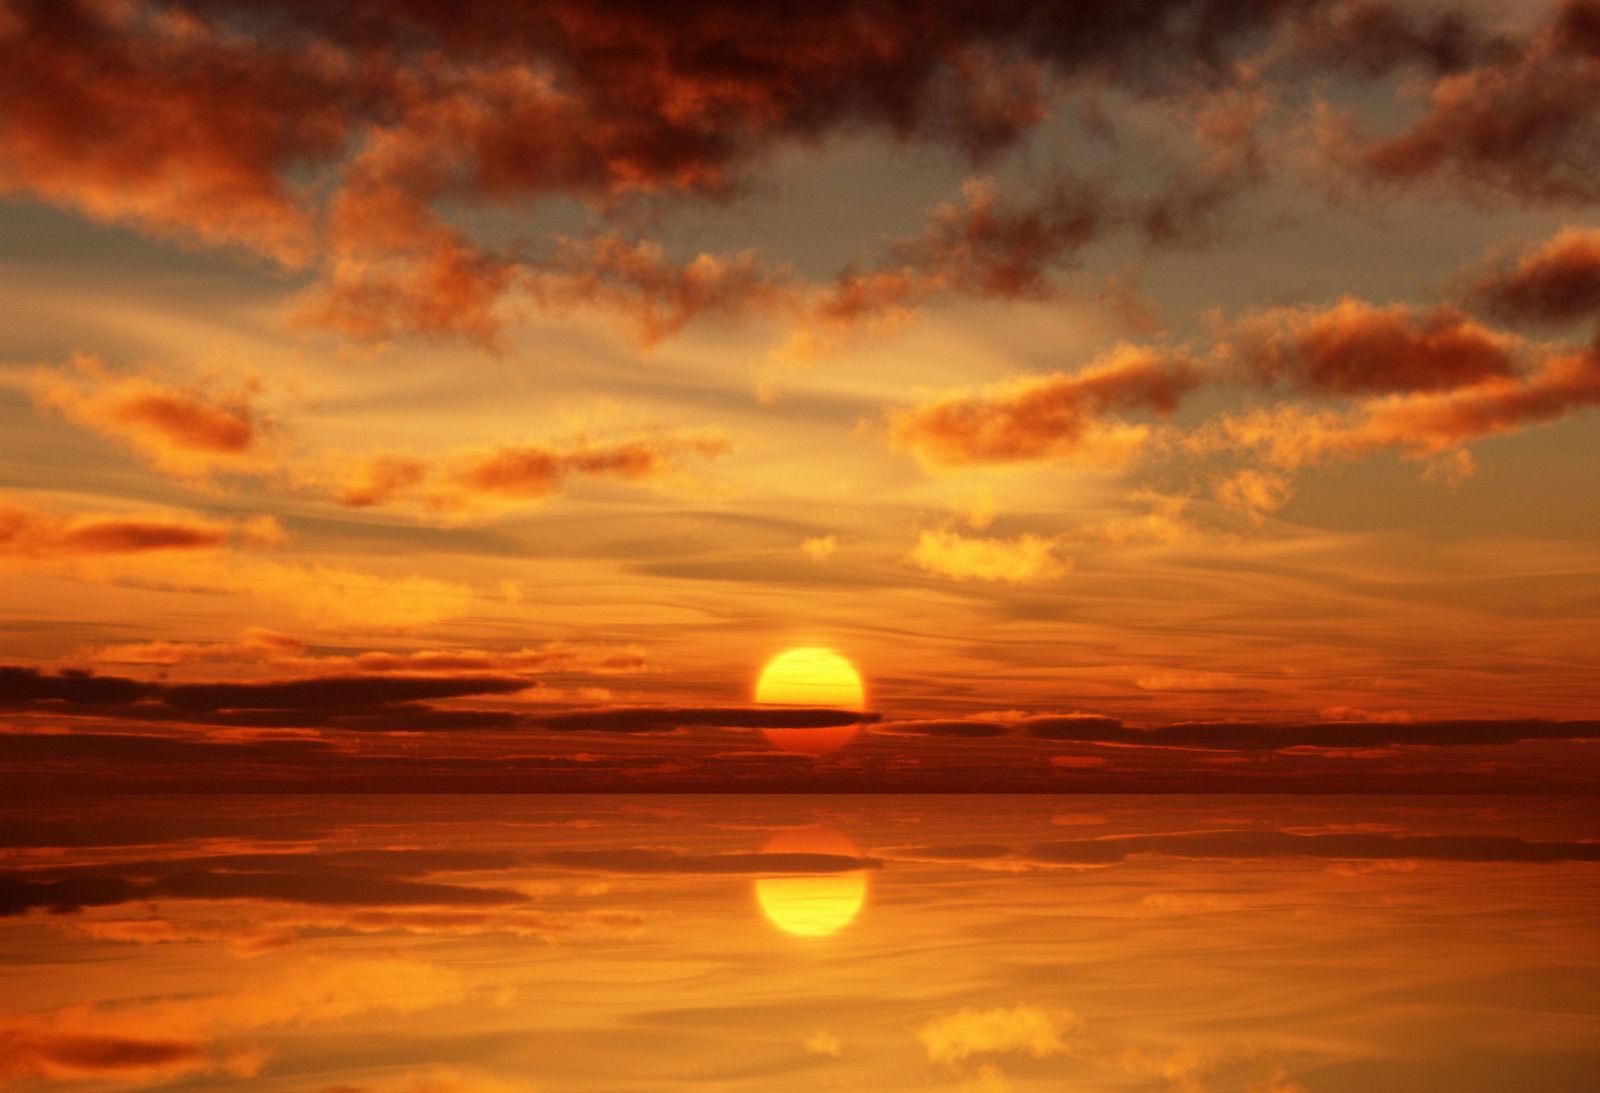 Derin Turuncu Okyanus Sunset Sanat İpek Baskı Poster 24x36inch (60x90cm) 089